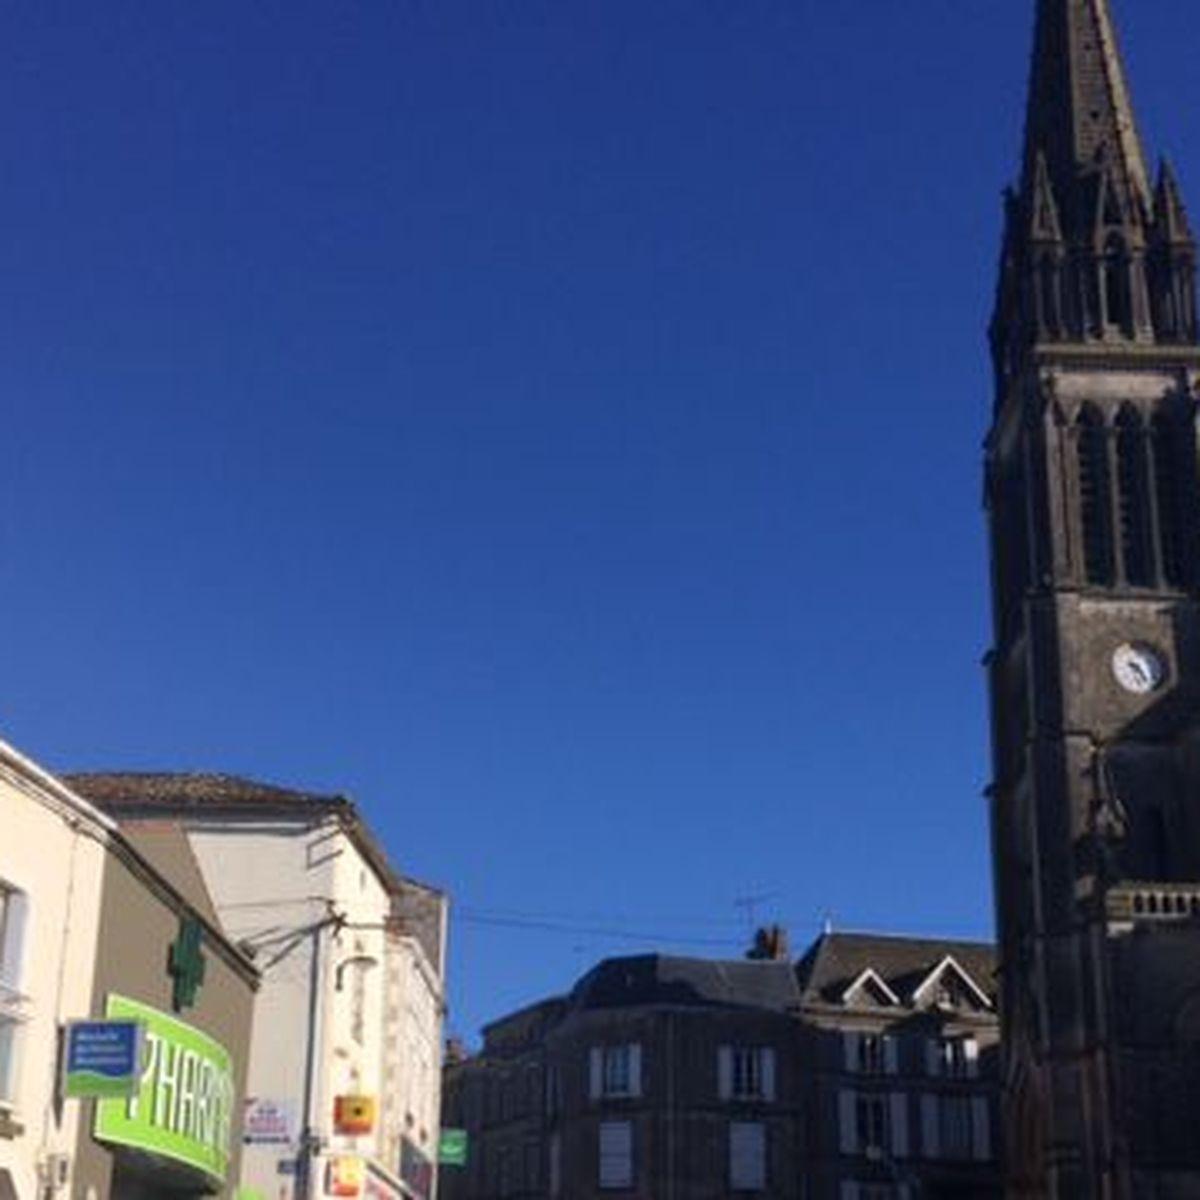 Séisme en Vendée : notre région est-elle sujette aux tremblements de terre ?France 3 Régions - Franceinfo